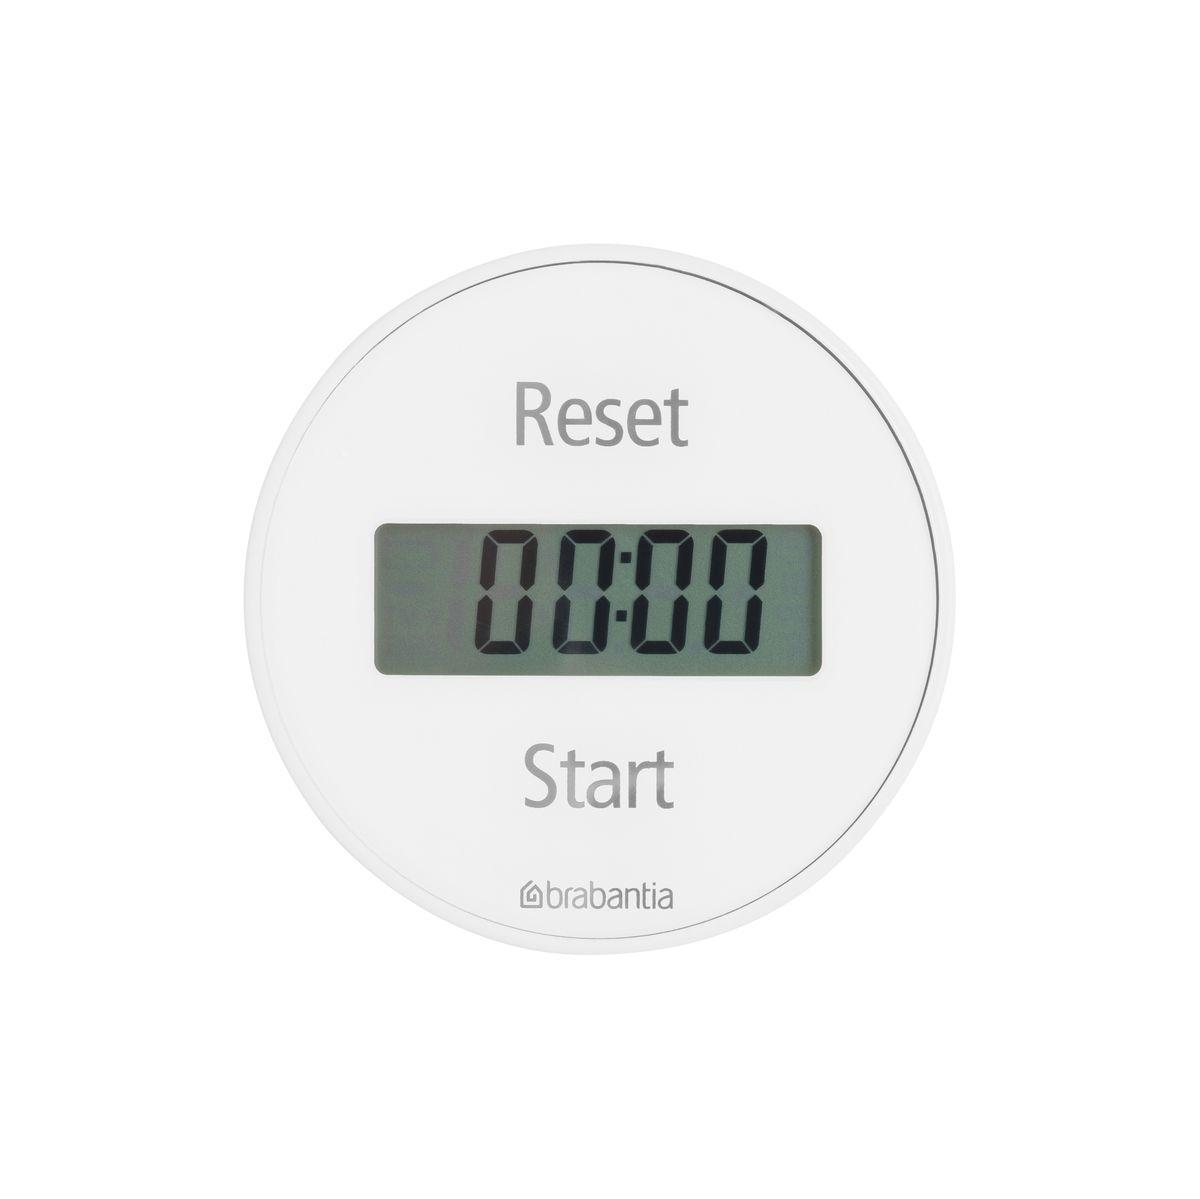 Кухонный таймер Brabantia Tasty Colours54 009303Кухонный таймер на магните с прямым и обратным отсчетом в диапазоне до 99 минут. Просто поверните внешнее кольцо прибора для установки времени, необходимого для приготовления Вашего любимого блюда. Звуковой сигнал известит Вас о готовности.Таймер легко и быстро устанавливается с помощью внешнего кольца - просто поверните;Удобное крепление - на магните;Функция таймера и секундомера;В комплект входит батарея CR2032;5-летняя гарантия Brabantia.